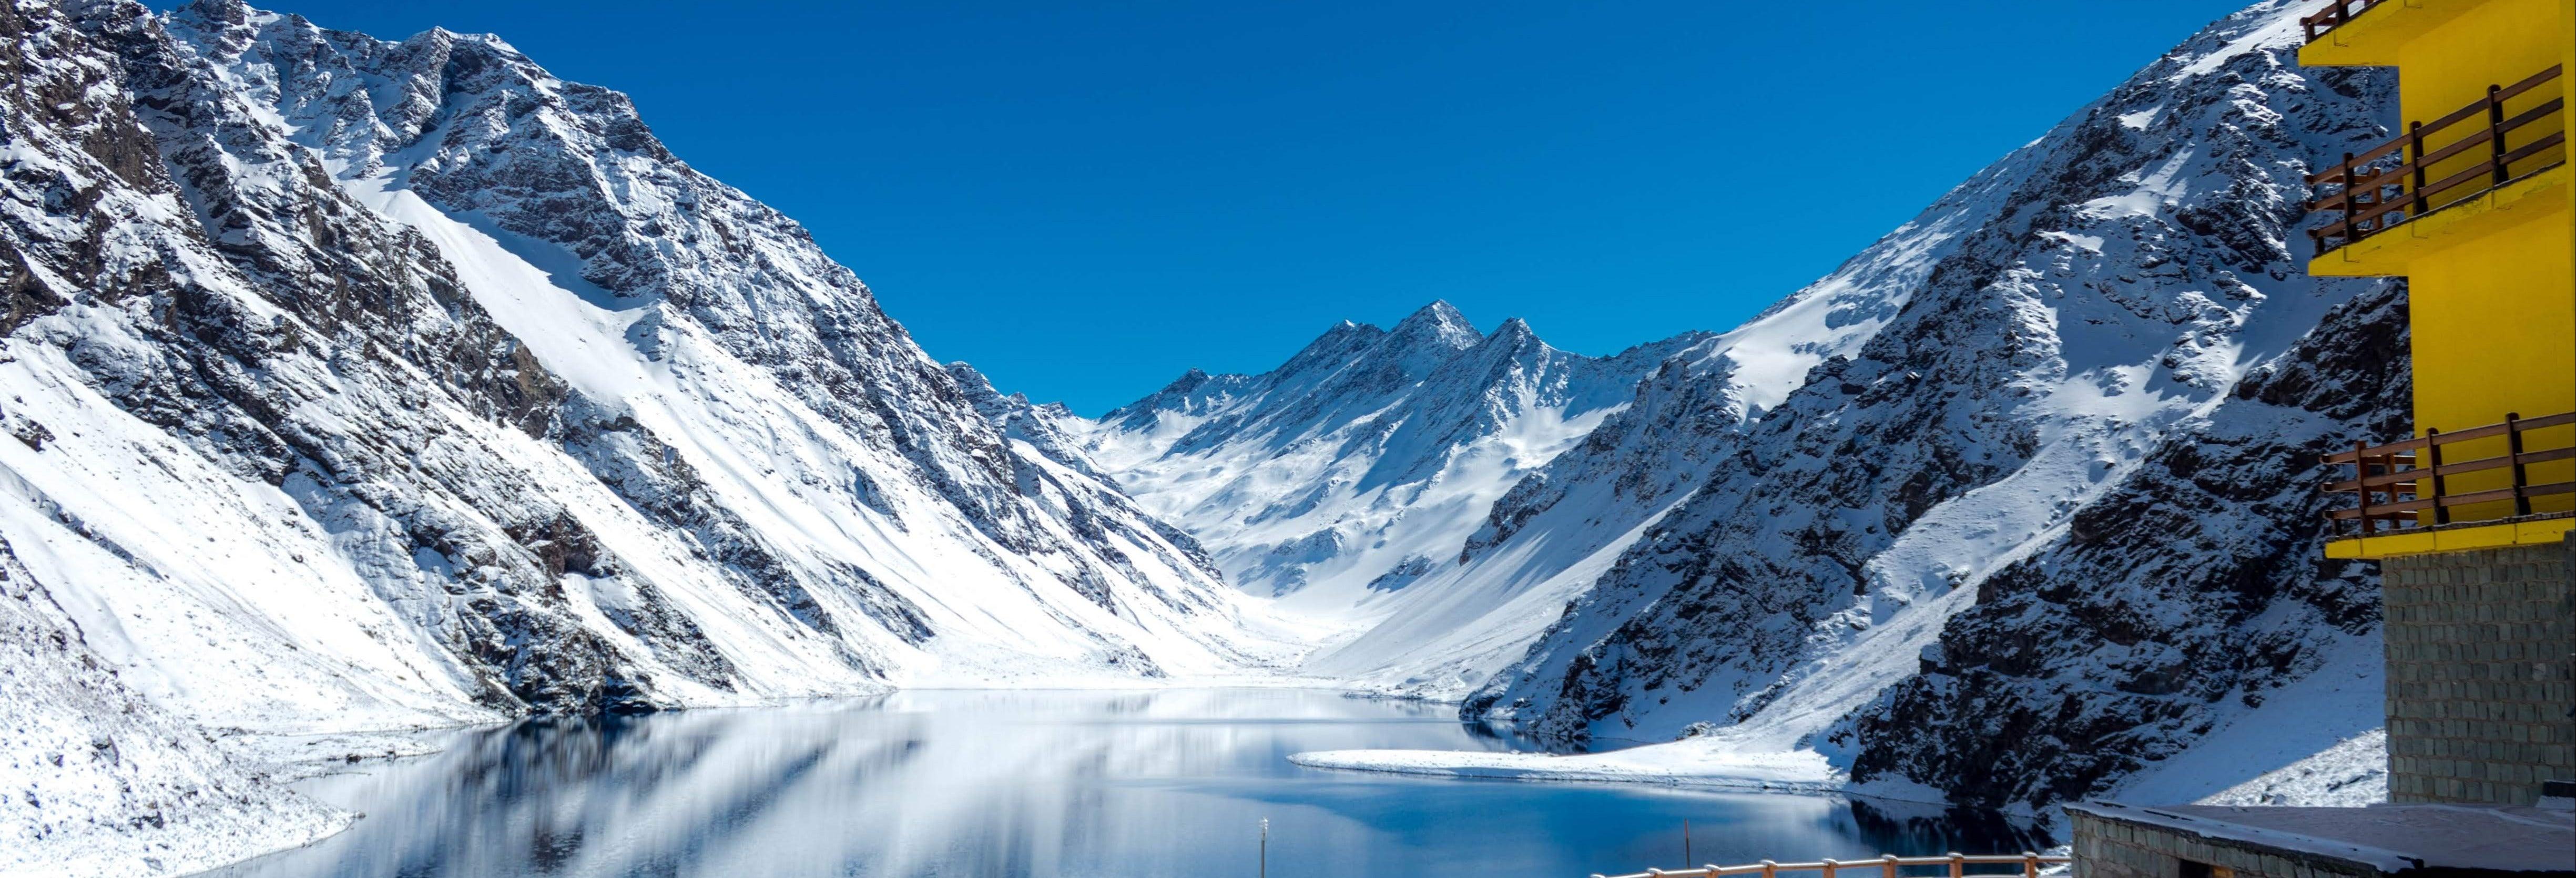 Estação de esqui Portillo e Laguna del Inca